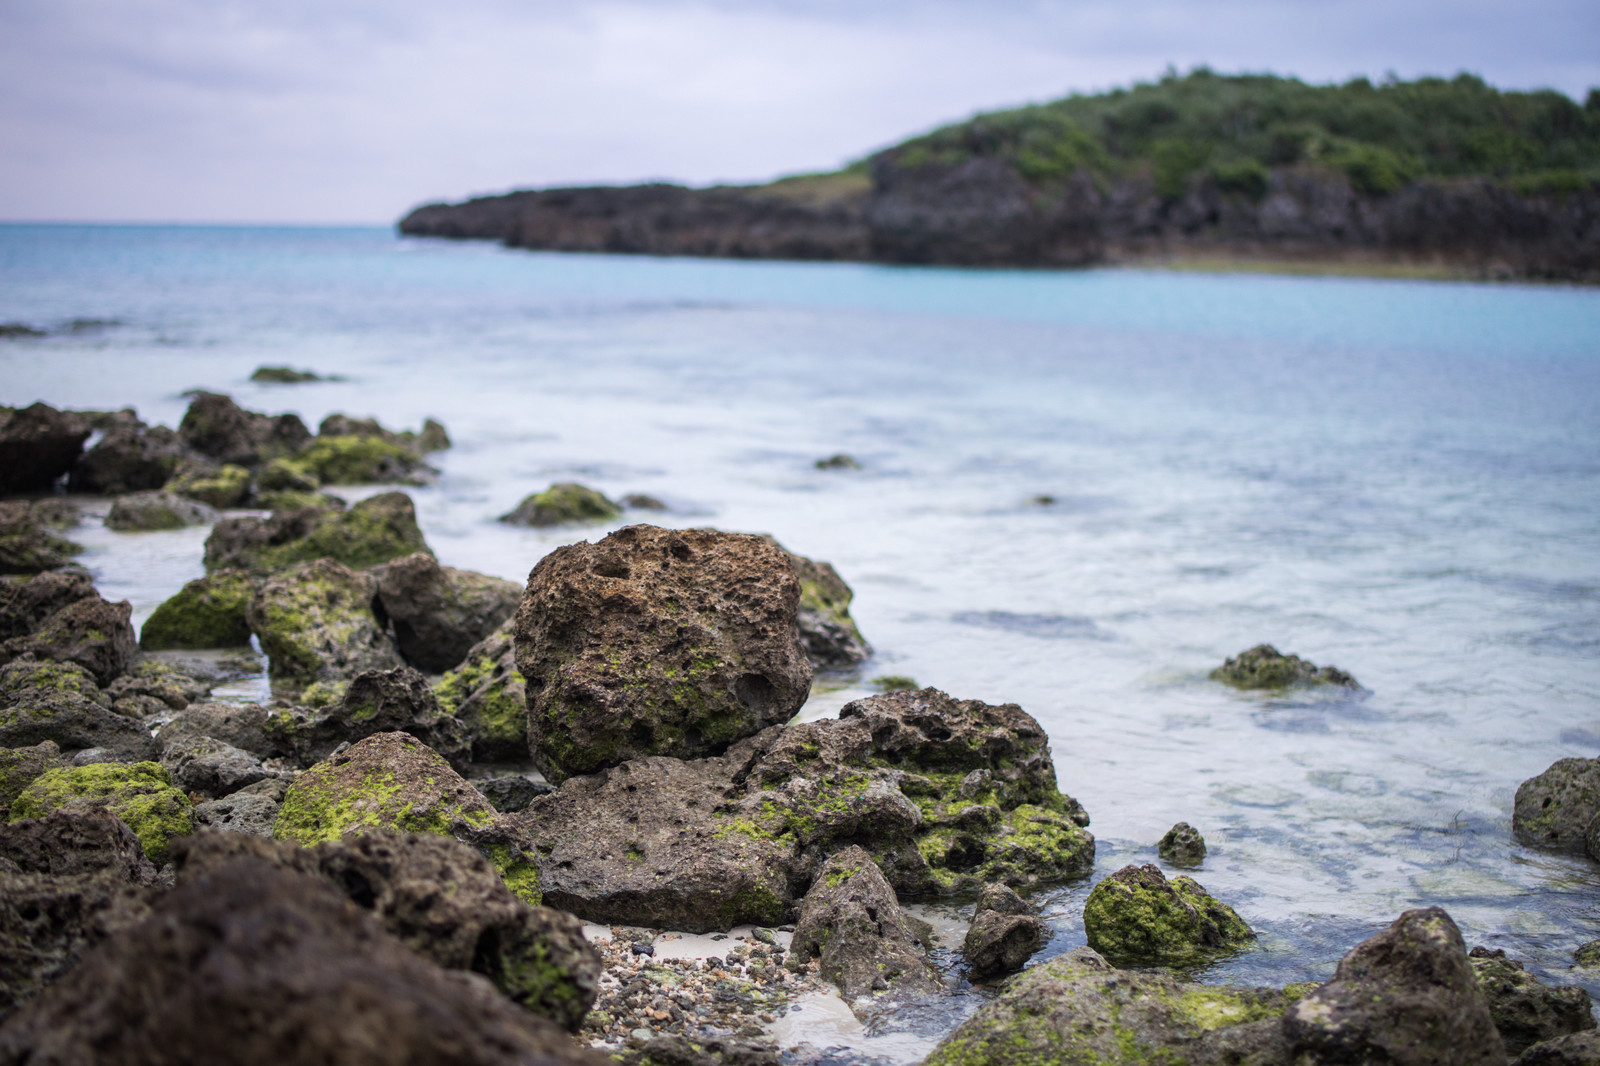 「宮古島の岩石海岸」の写真